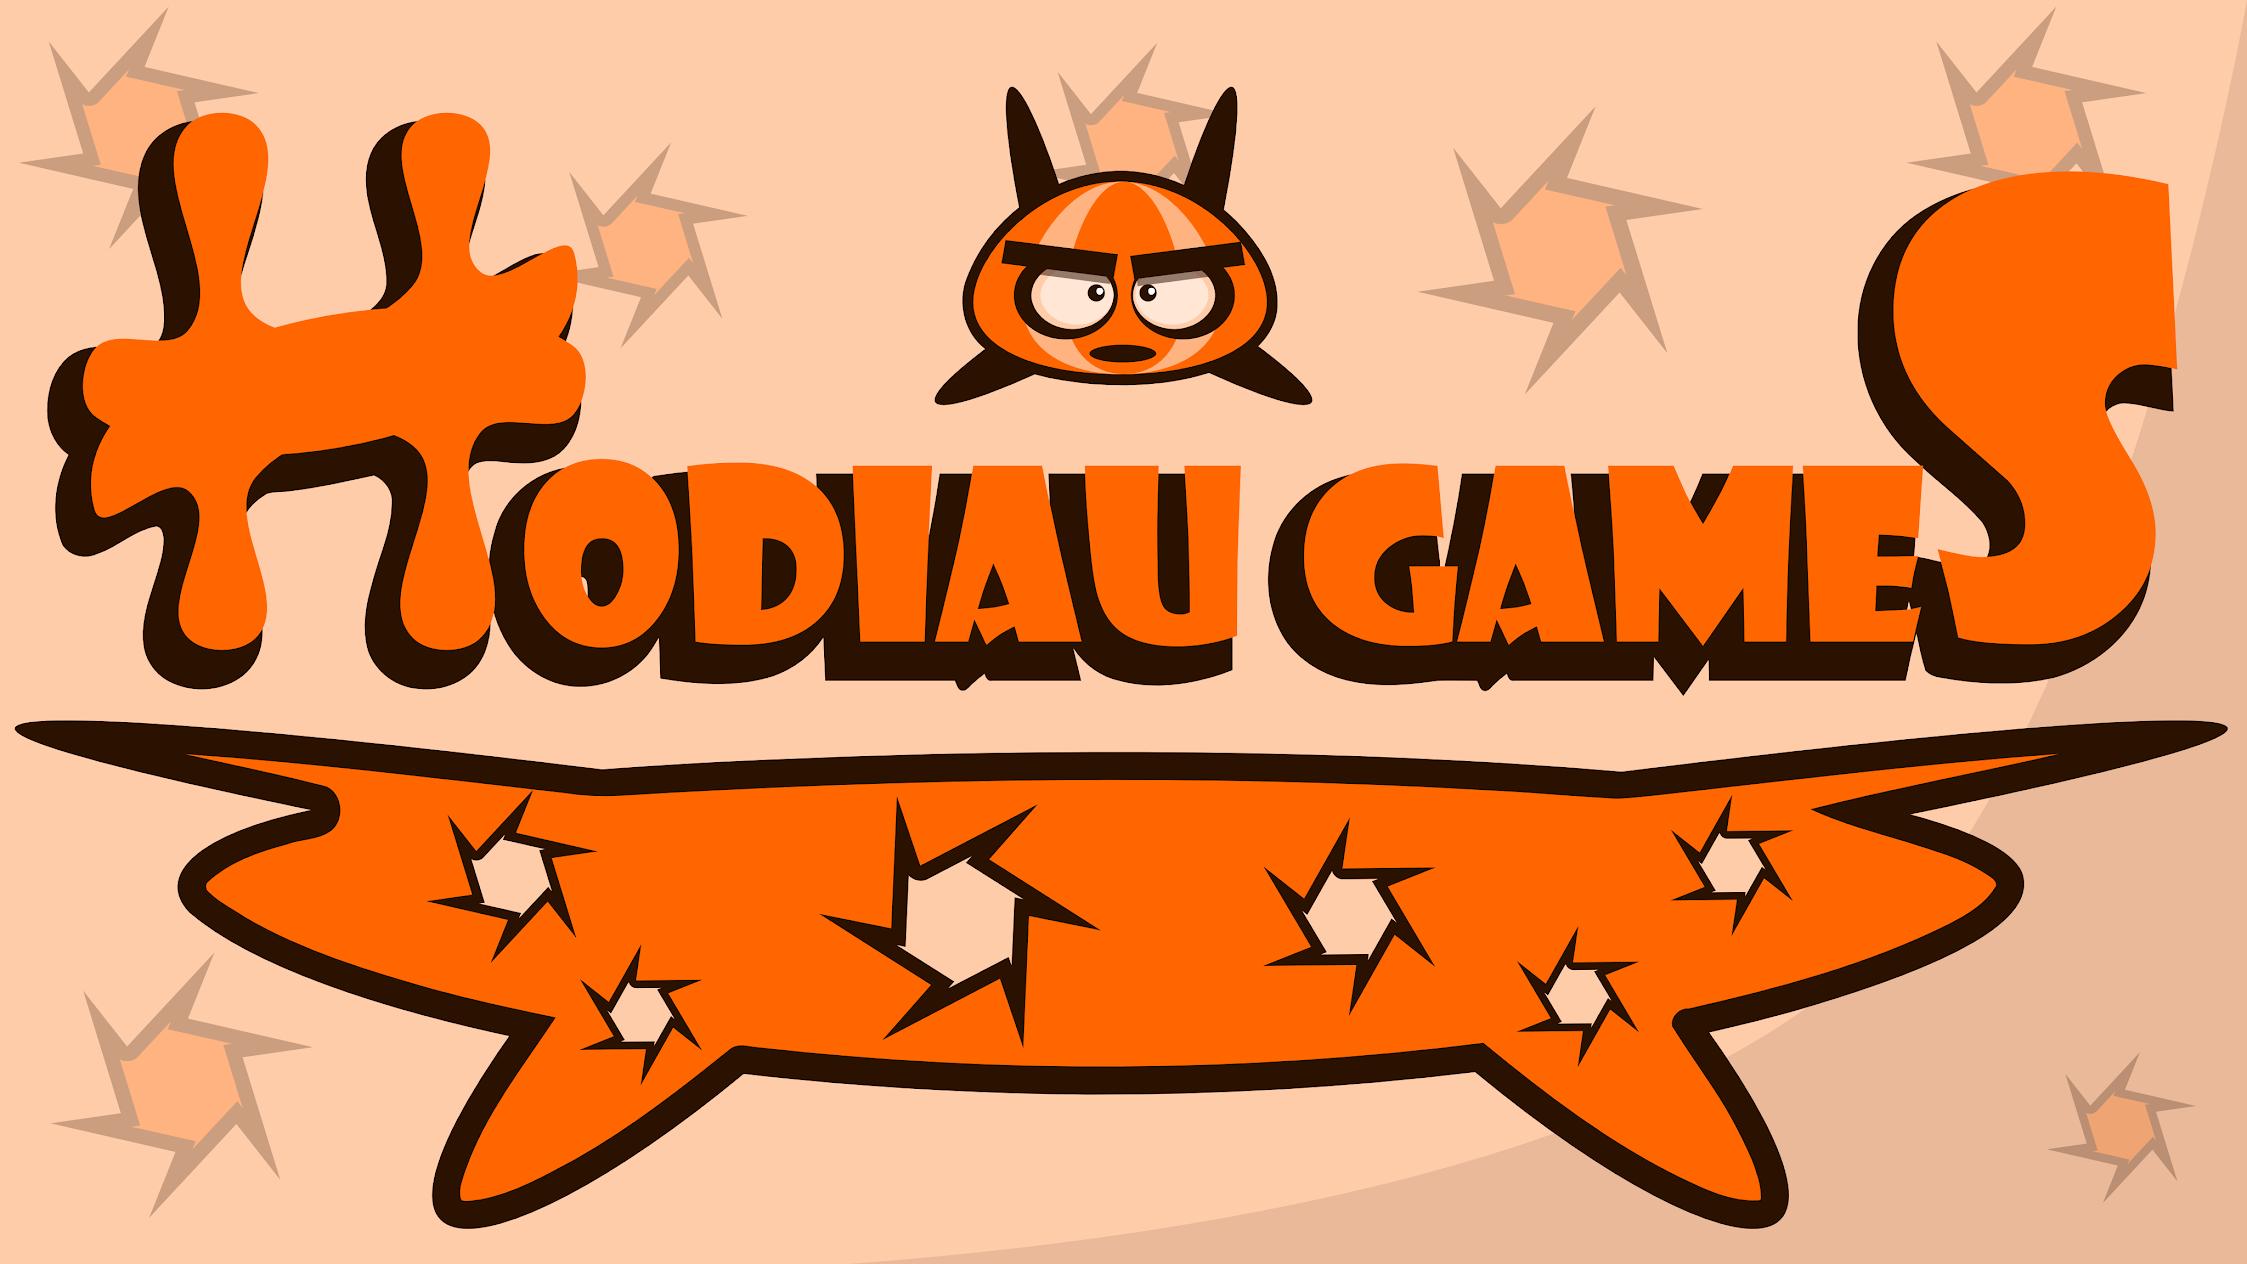 HodiauGames